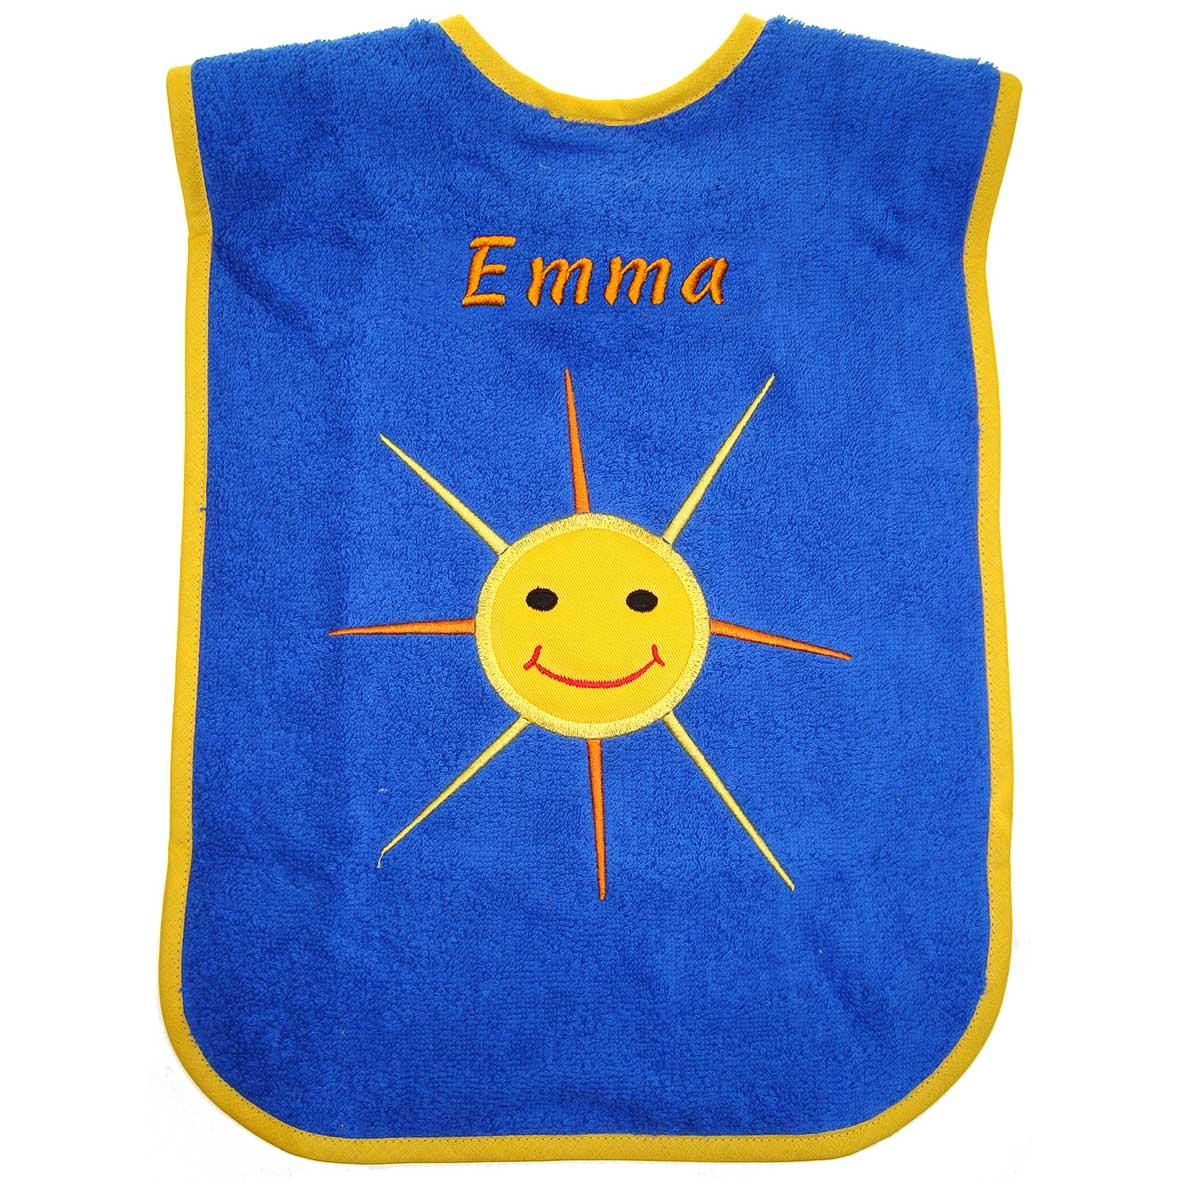 Brändi Babylätzchen Sonne Emma